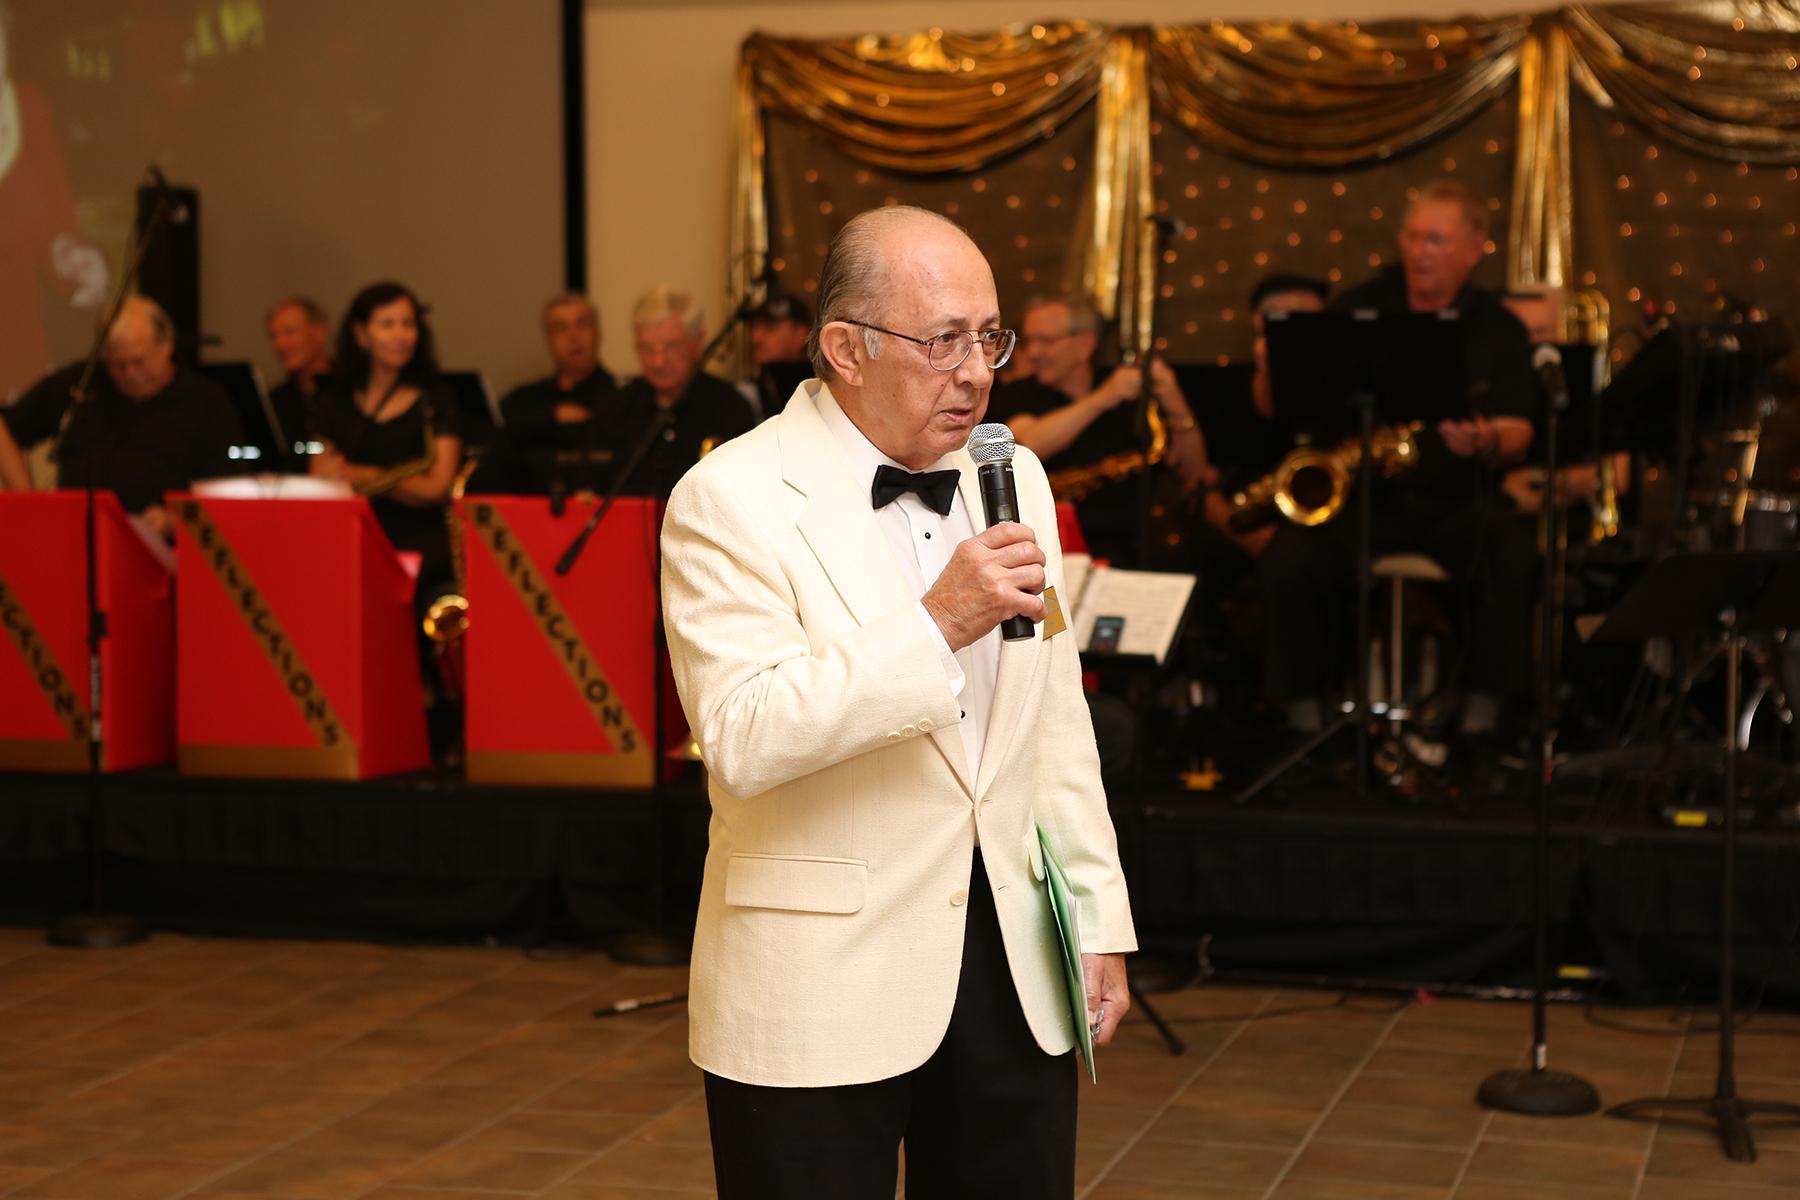 Dick Harp speaks at OLLI Social.